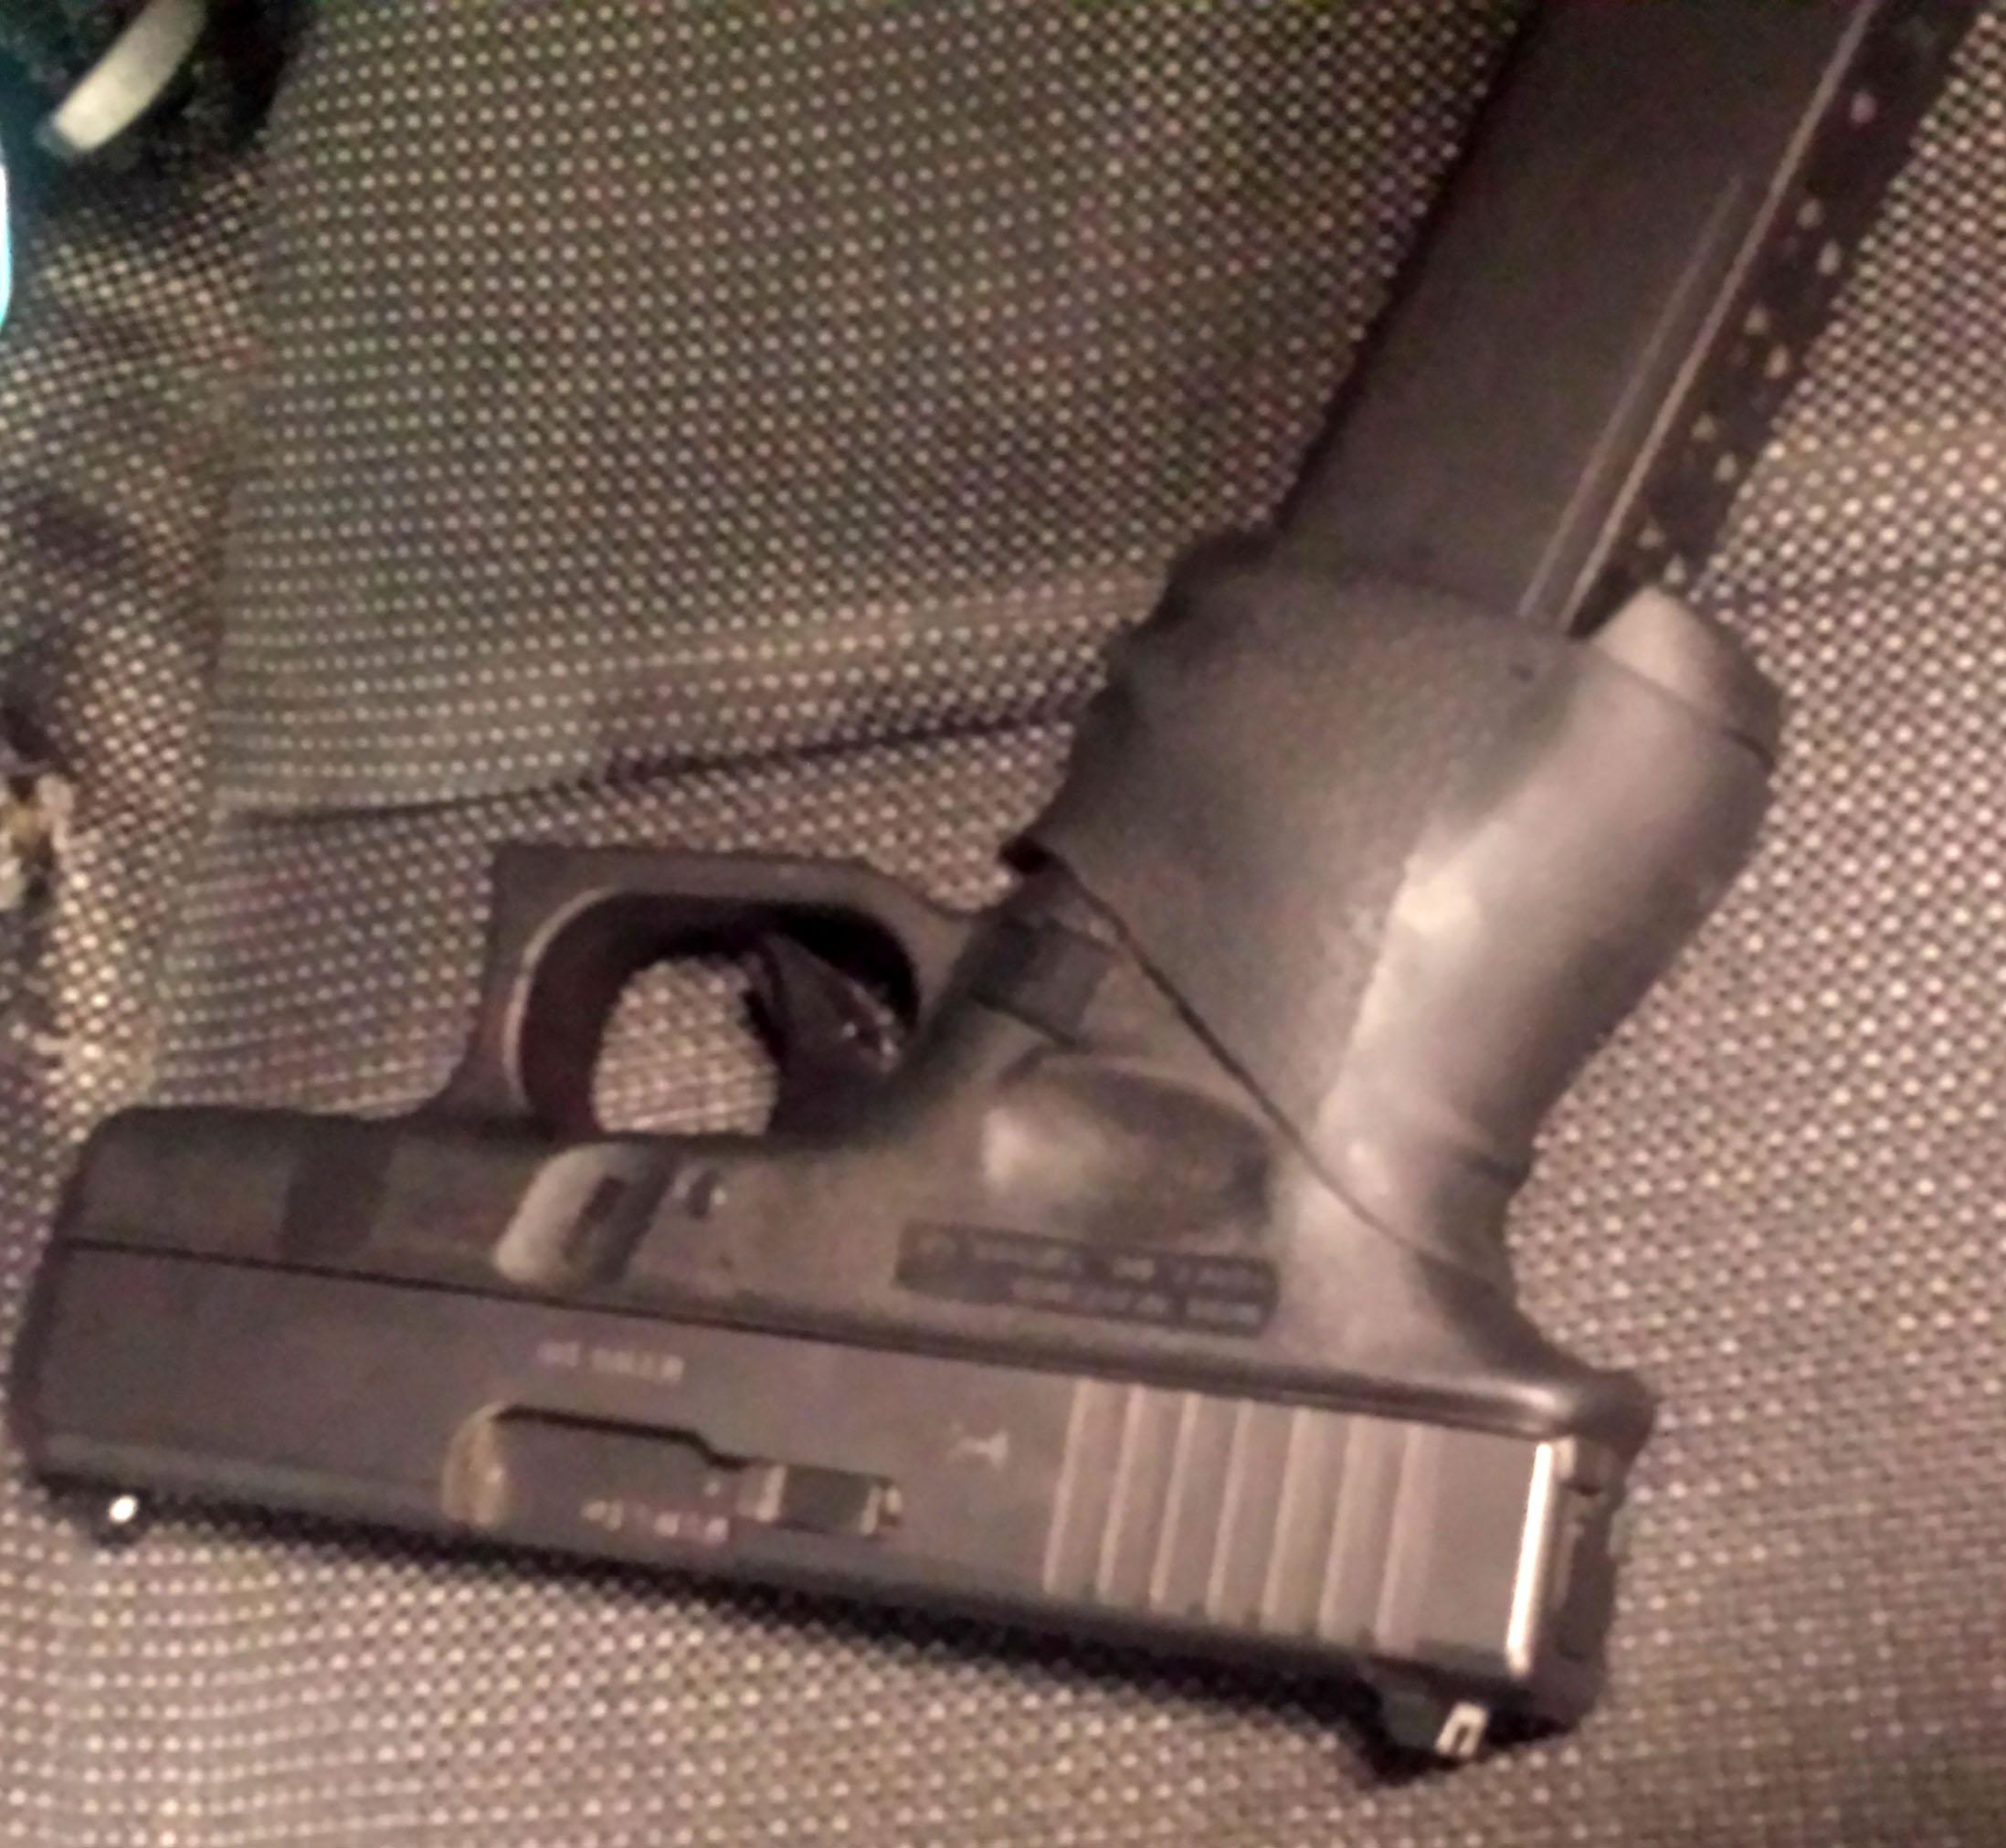 Gun seized in Wilmington, Delaware